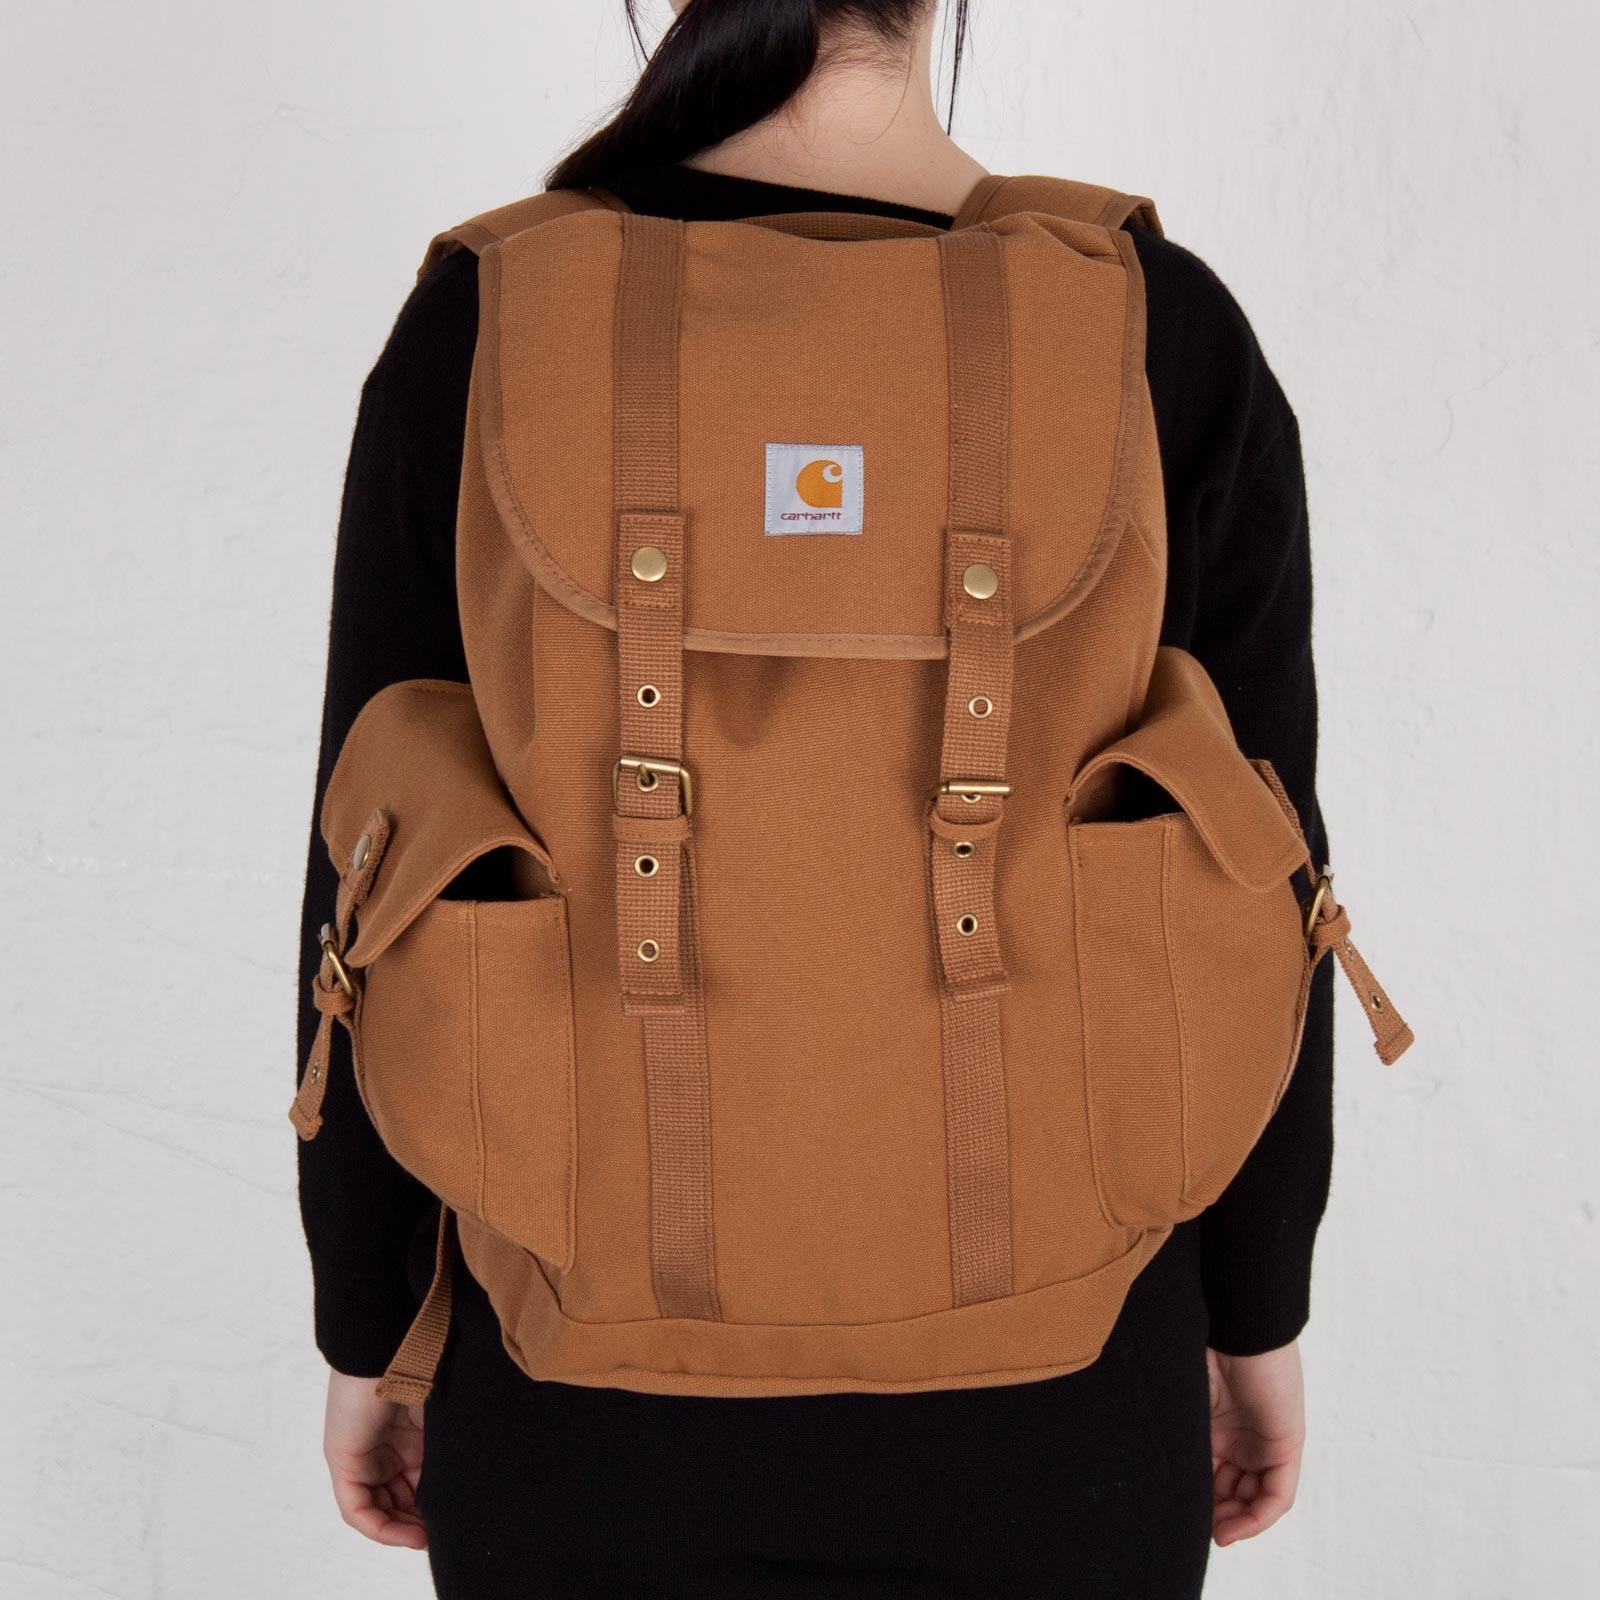 Carhartt WIP Tramp Backpack - I012404.52.00.06 - Sneakersnstuff ...